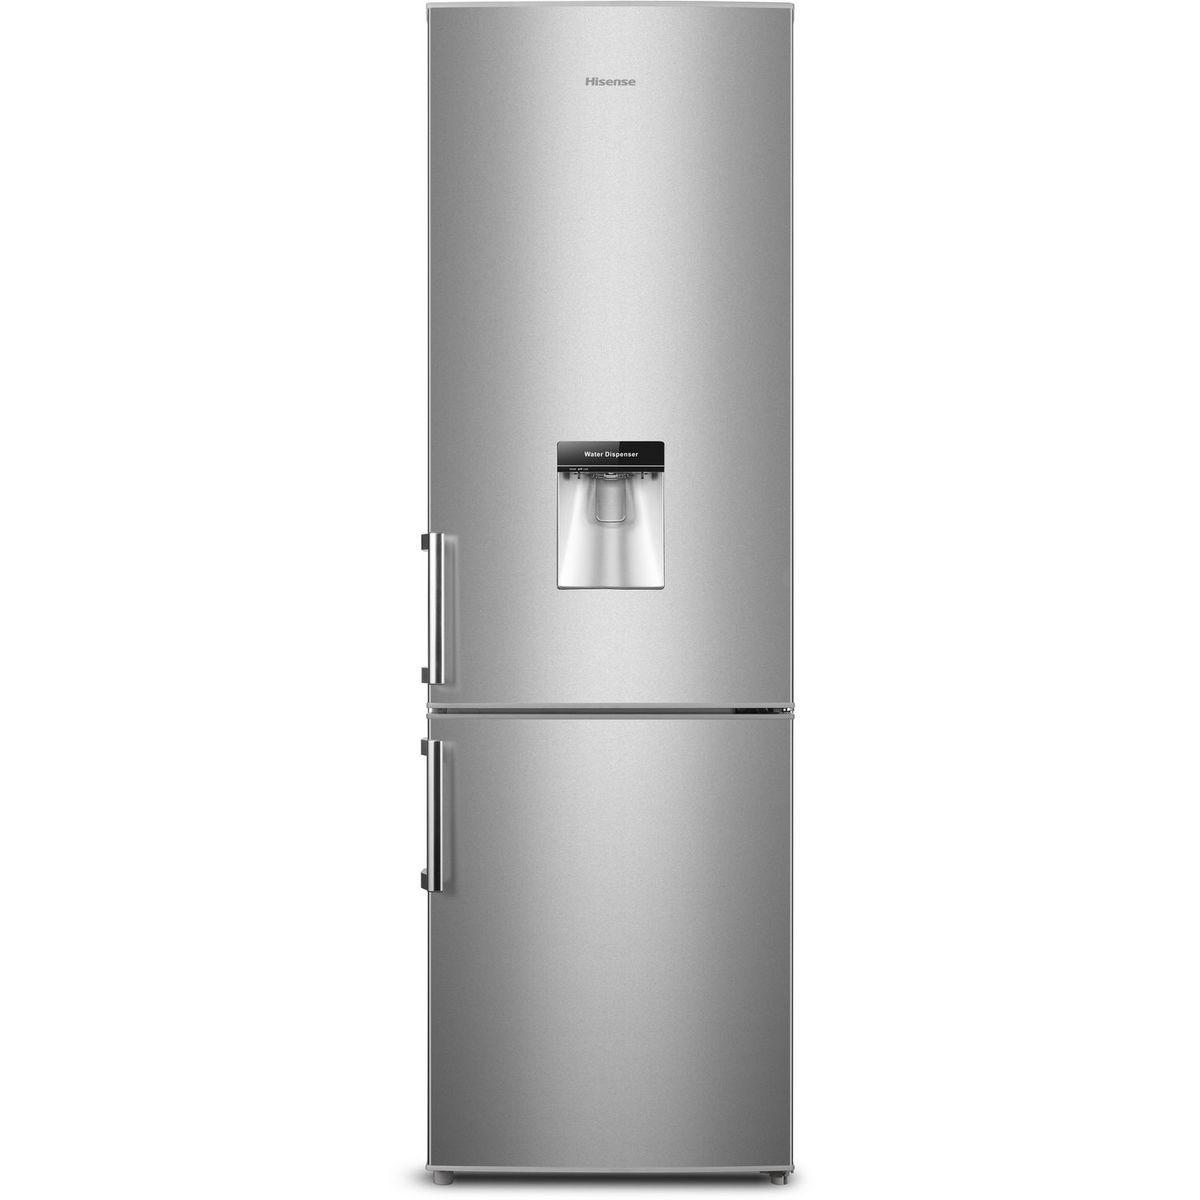 Réfrigérateur combiné MC55264DS, 262 L, Froid statique